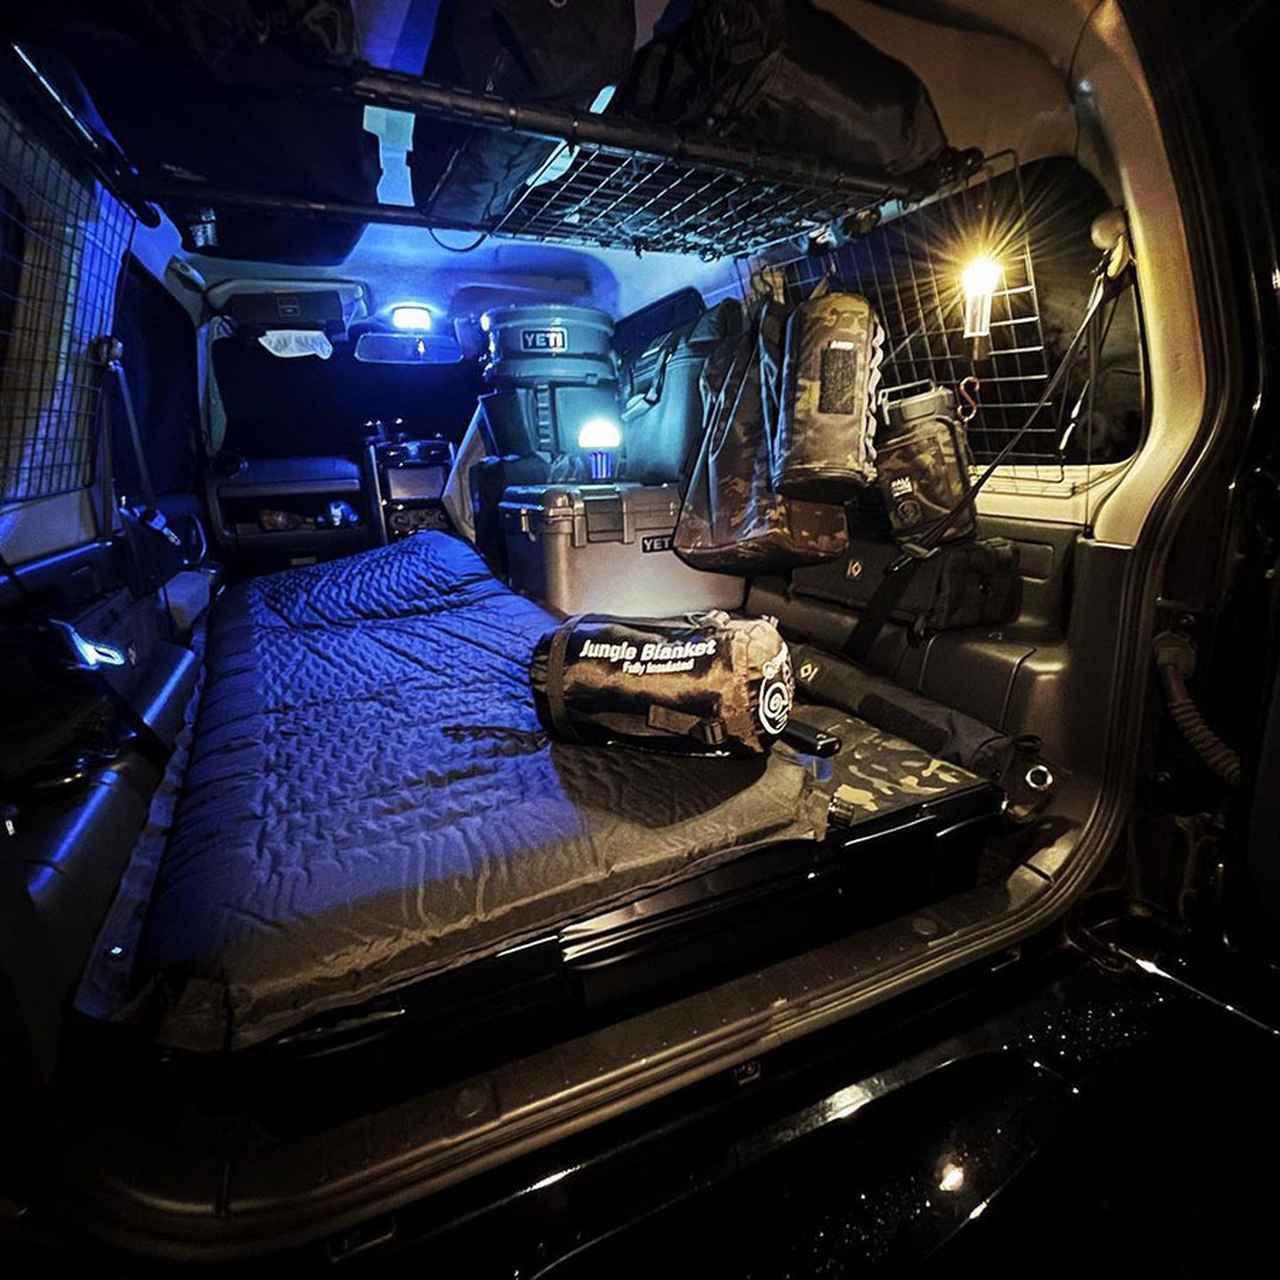 画像4: 秘密基地のような自分だけの空間